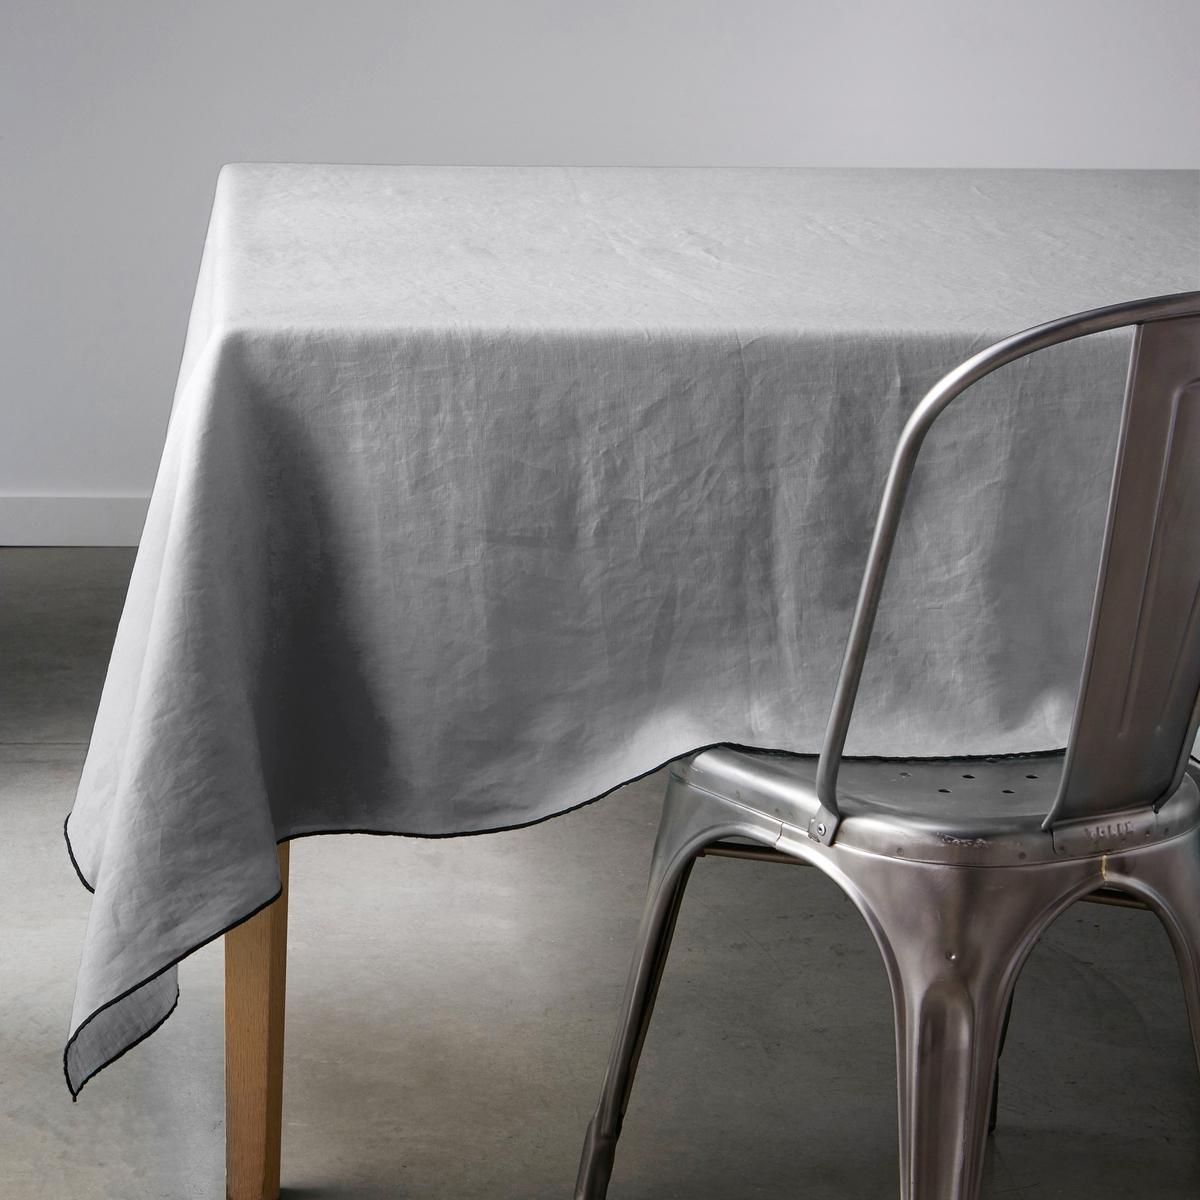 Скатерть LaRedoute Из 100 льна Suzy 150 x 250 см серый